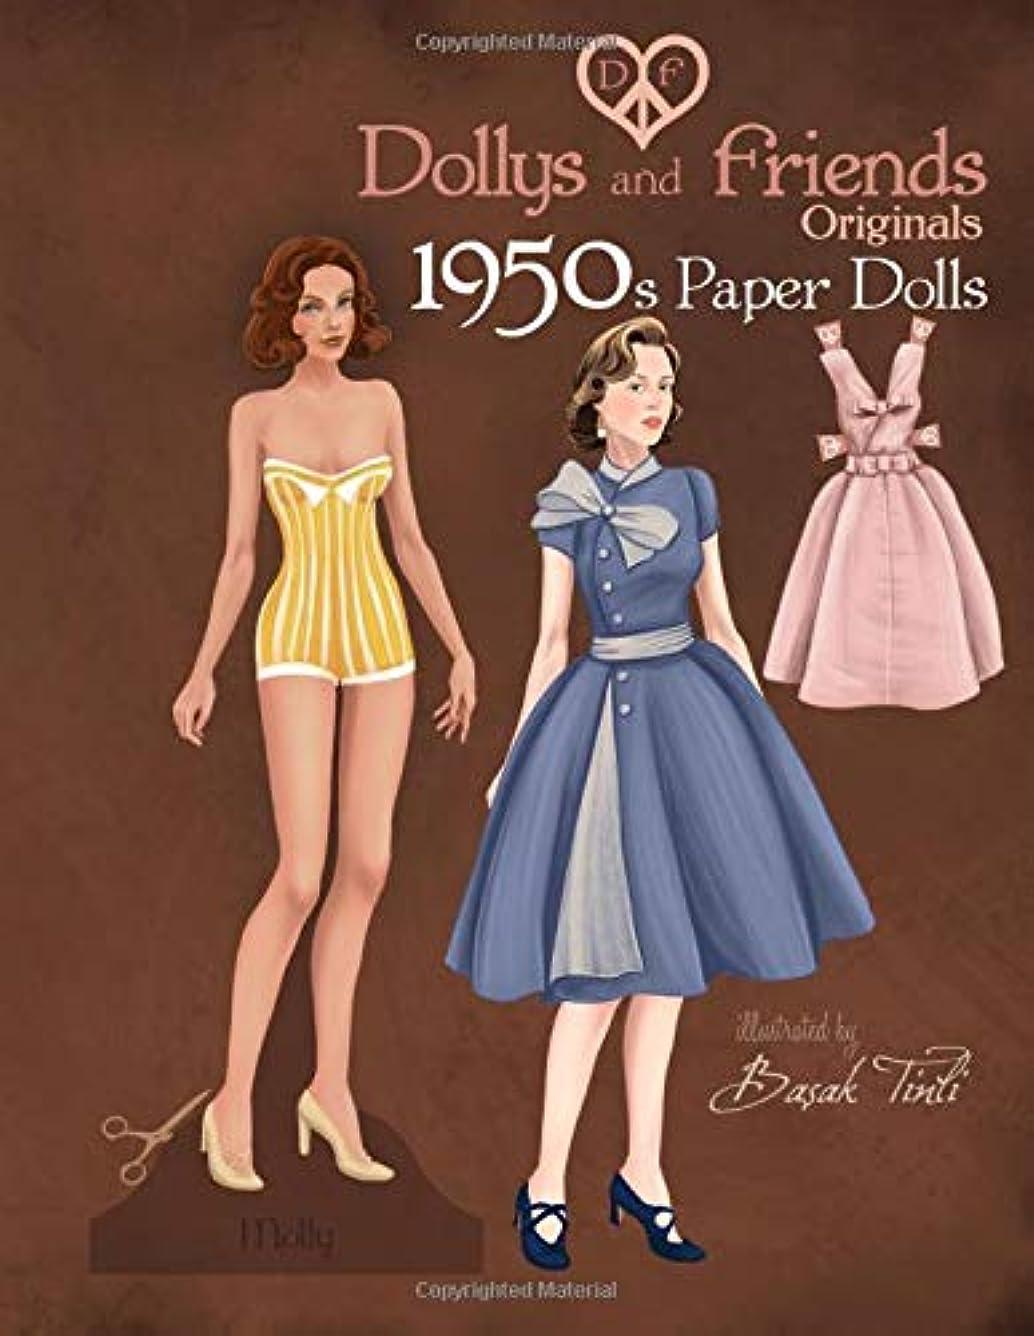 フォーラムマカダム規模Dollys and Friends Originals 1950s Paper Dolls: Fifties Vintage Fashion Paper Doll Collection